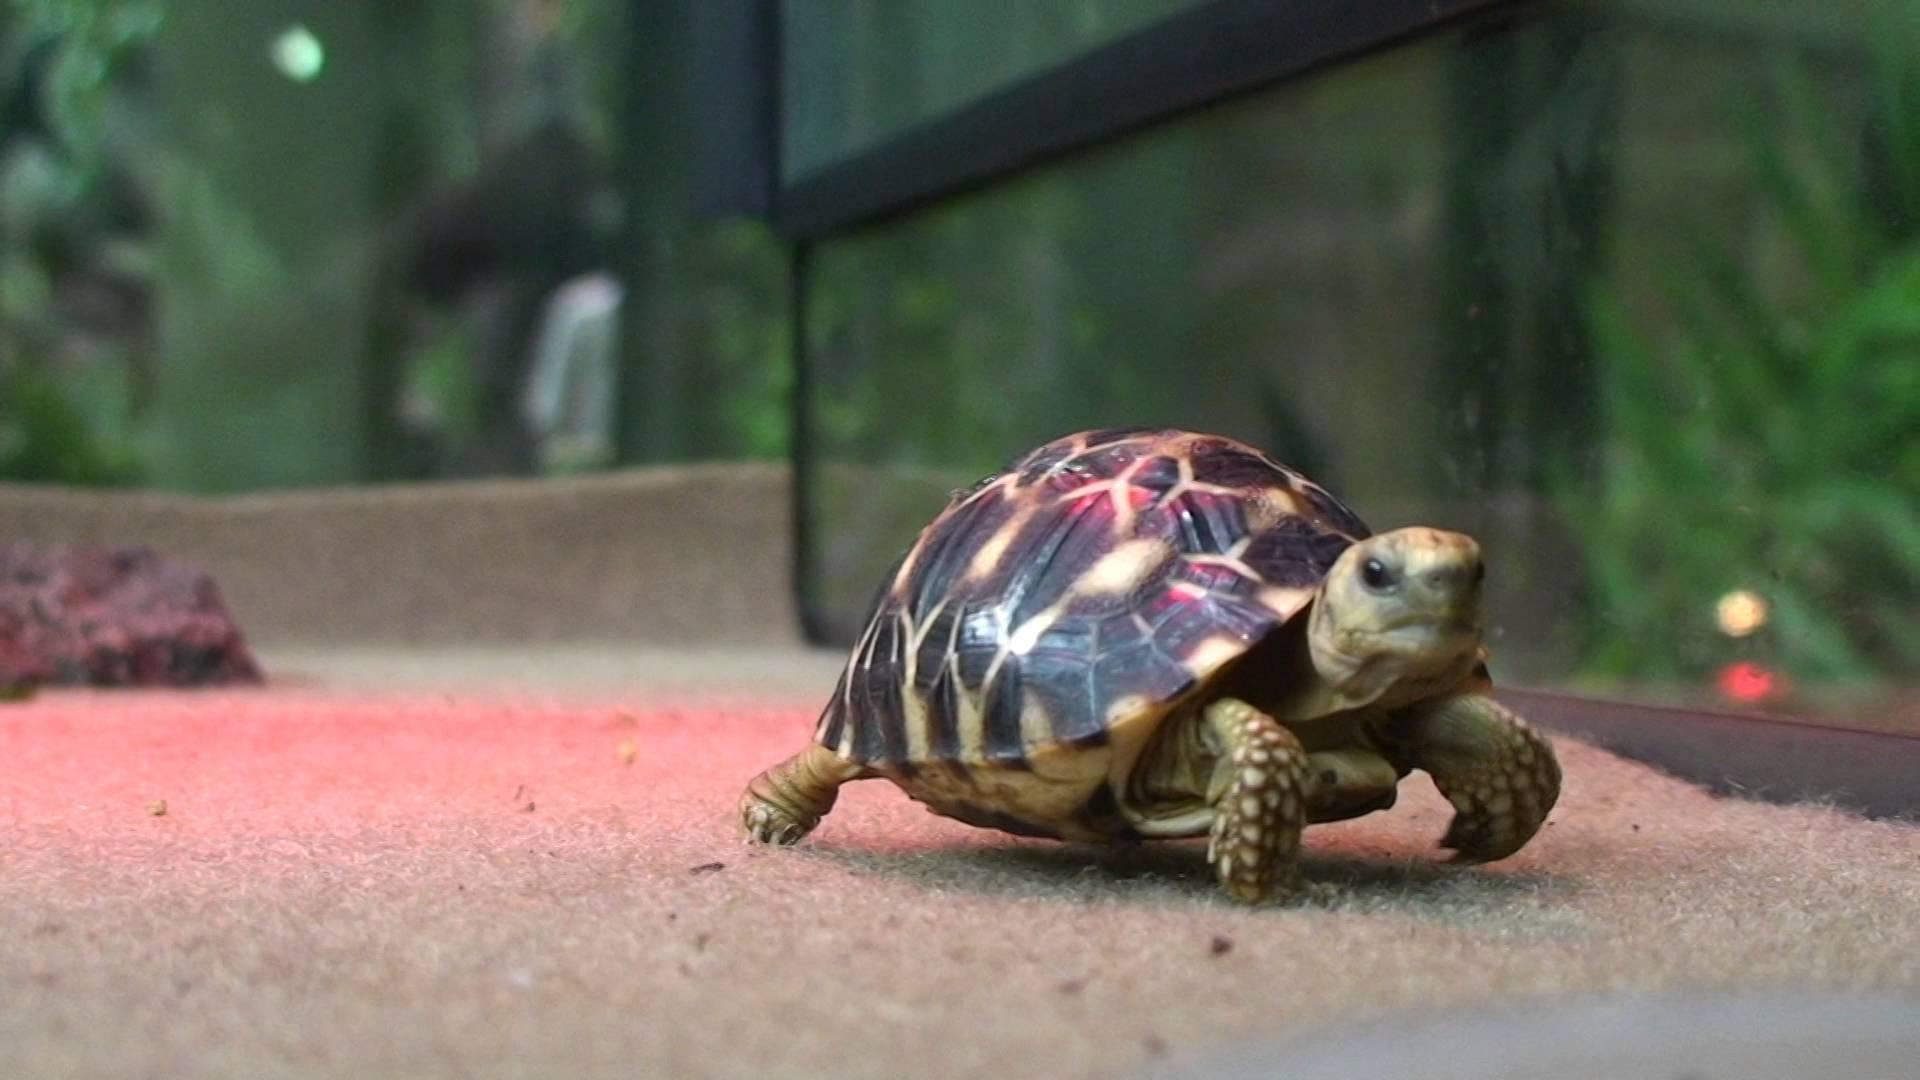 Сонник прирученная бистрая черепаха. к чему снится прирученная бистрая черепаха видеть во сне - сонник дома солнца. страница 6